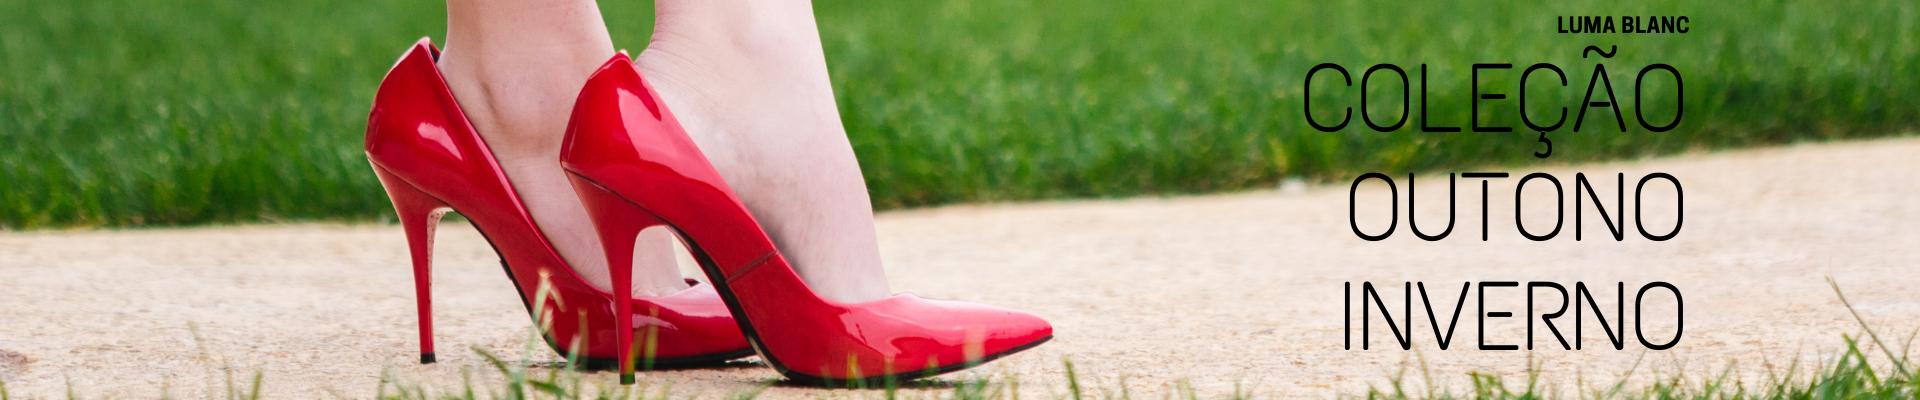 calçados luma blanc